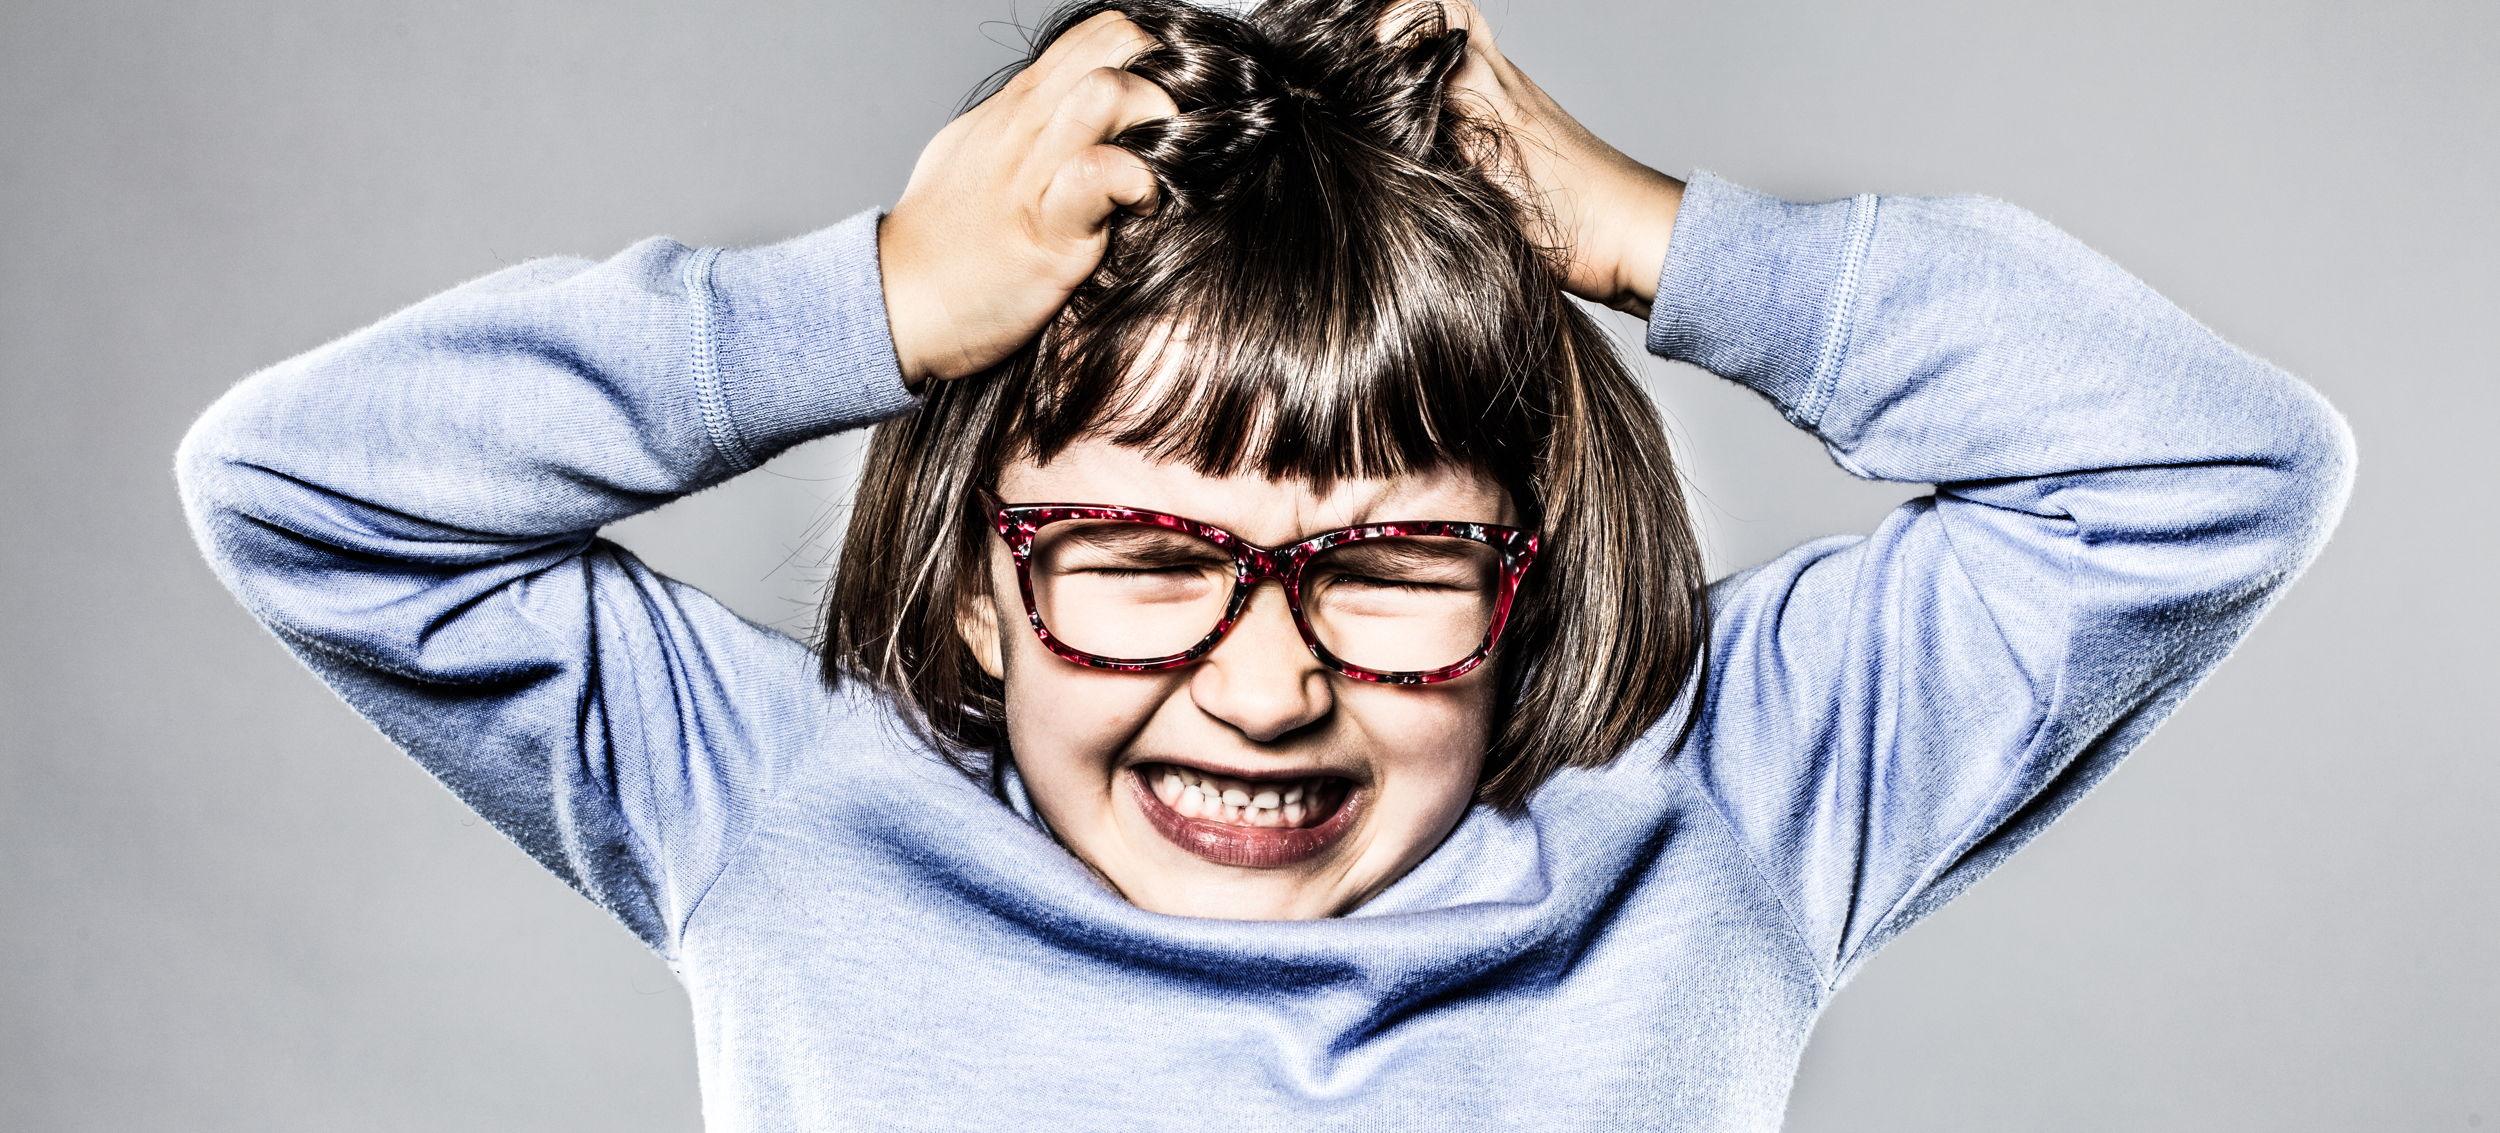 child throwing tantrum l toddler hitting l child meltdown